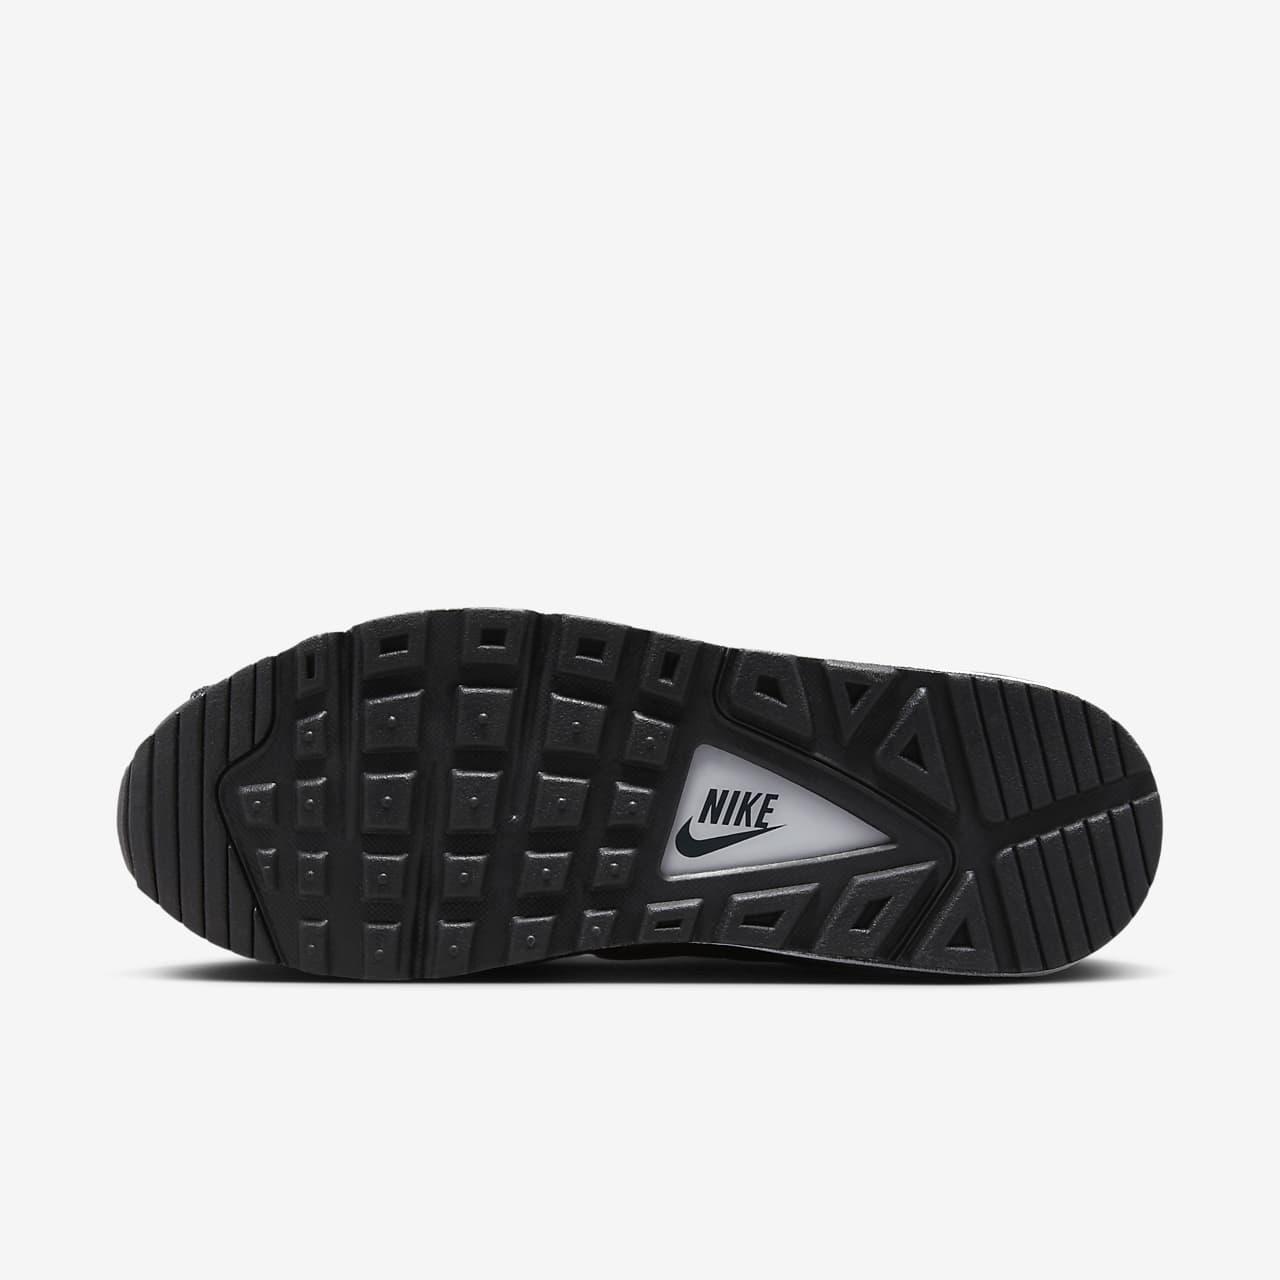 scarpe nike air uomo